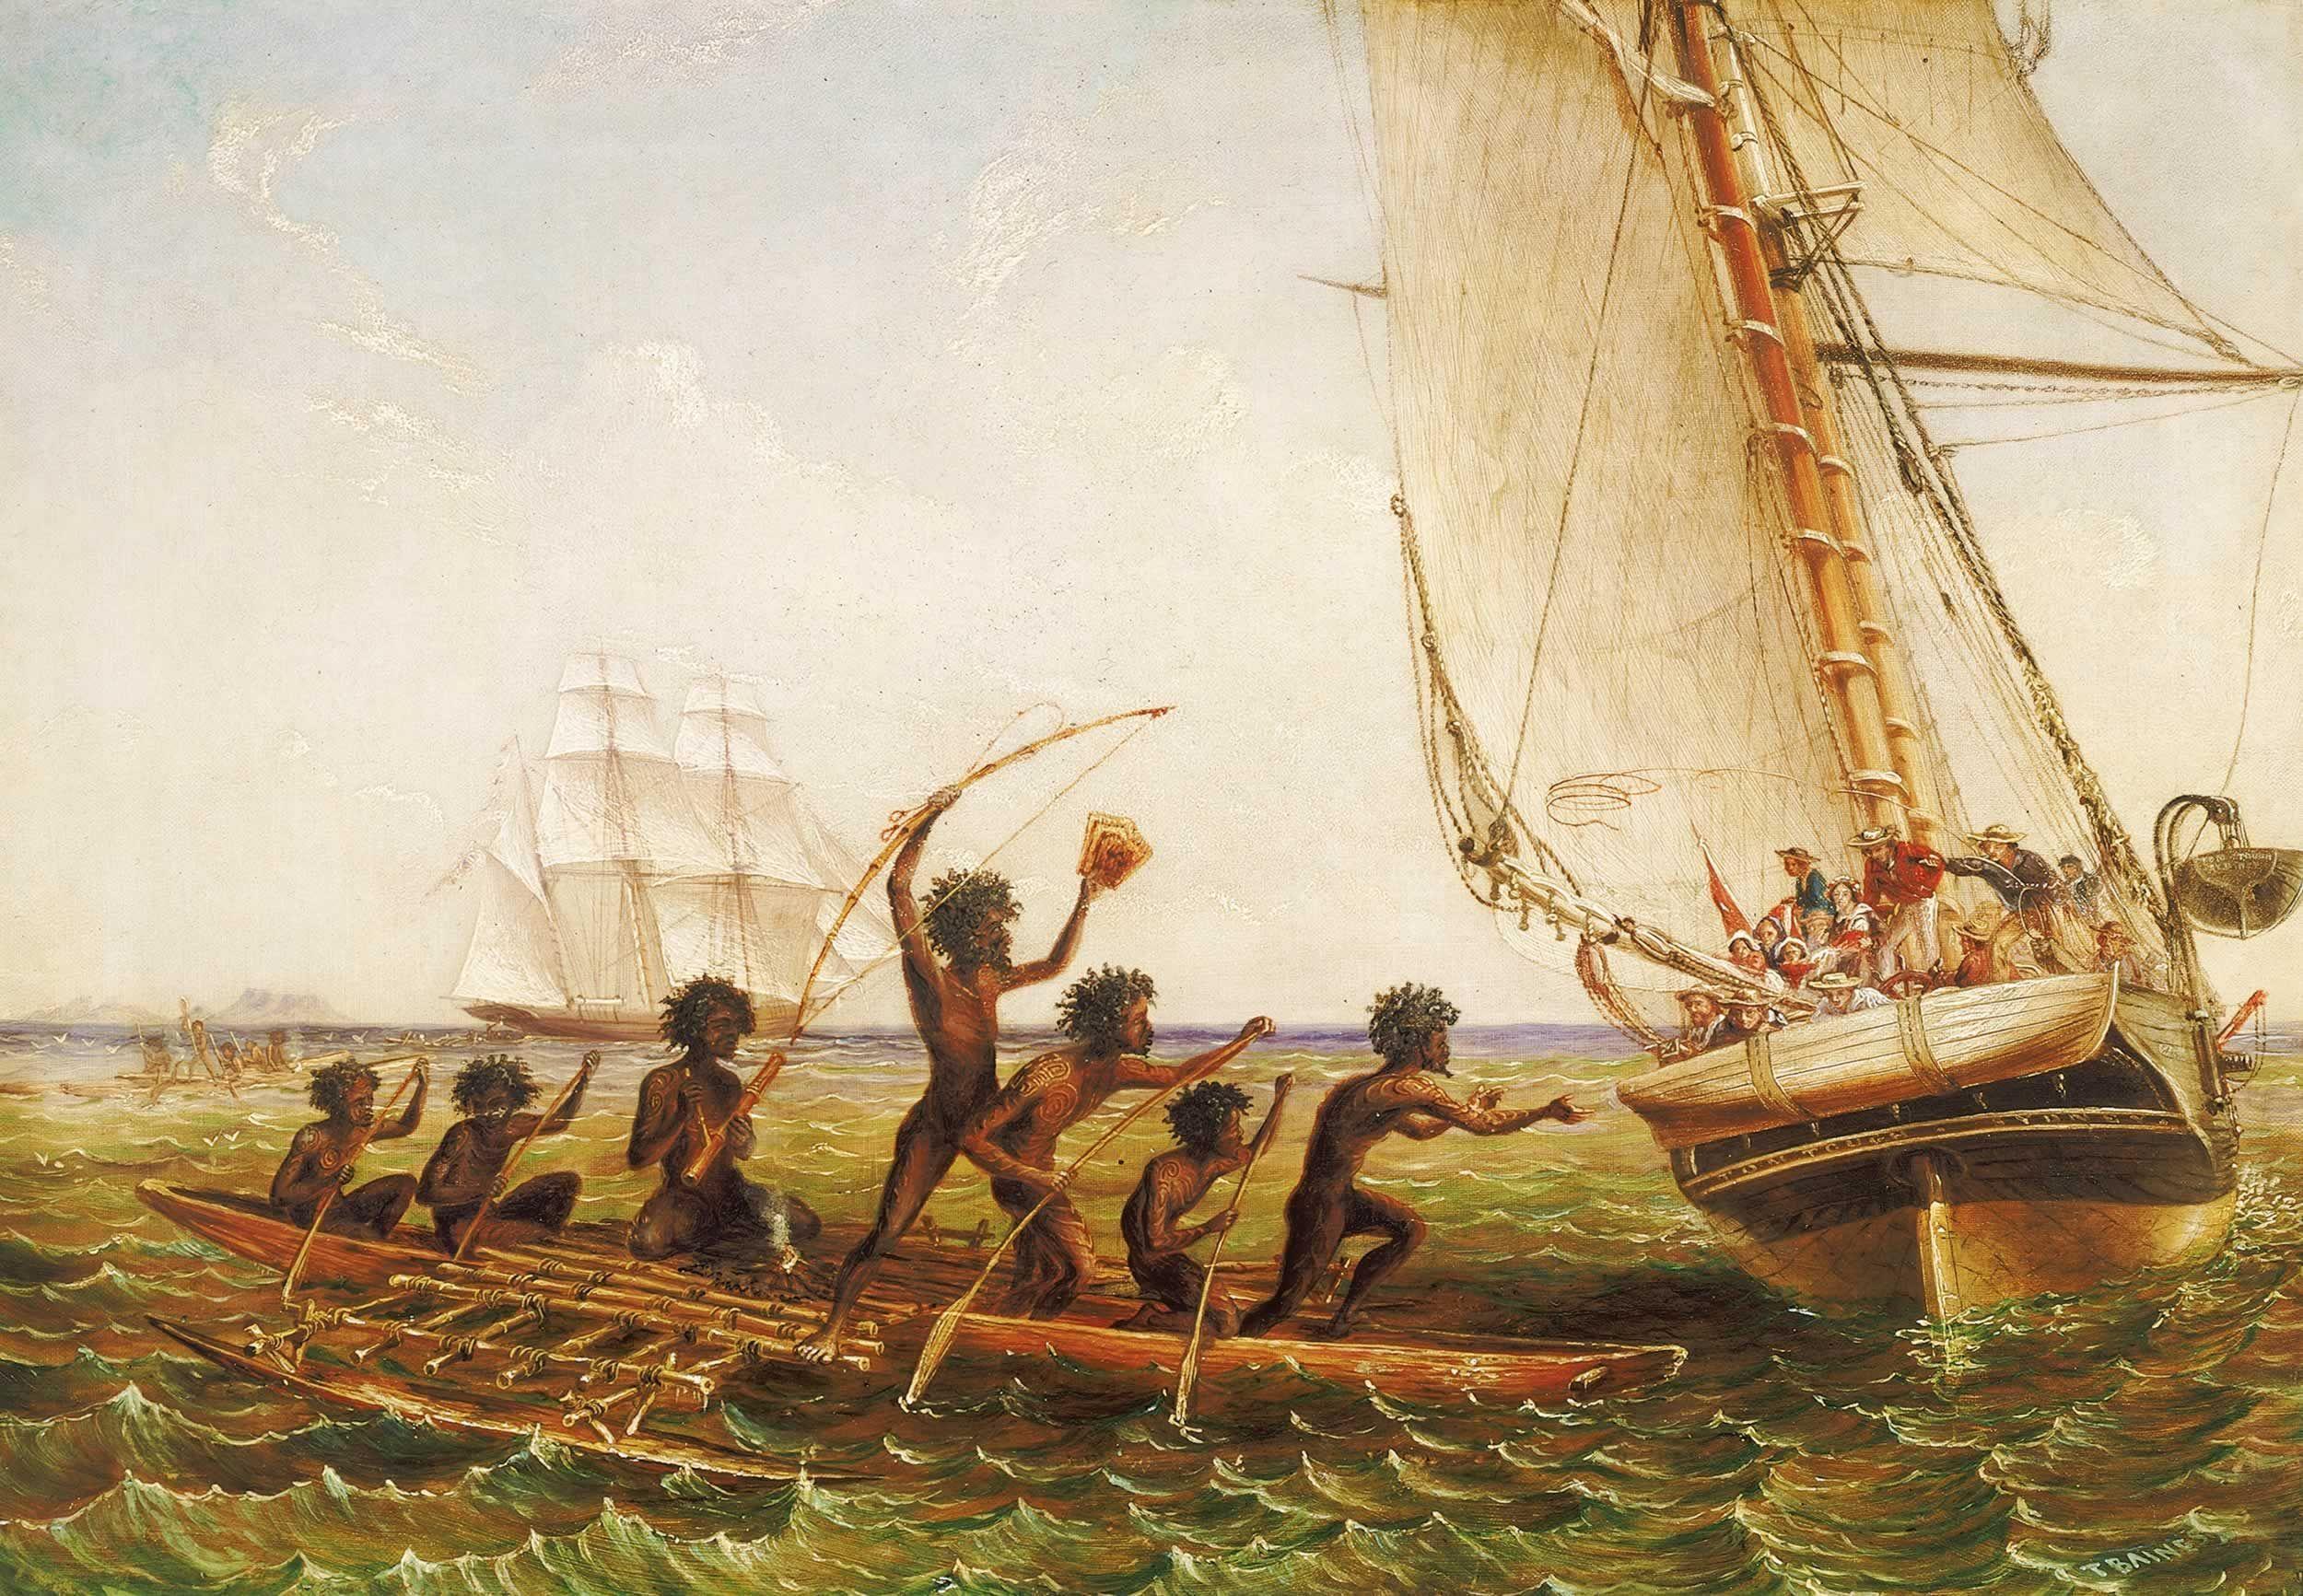 ¿Quiénes fueron los primeros que descubrieron Australia, según la historia?